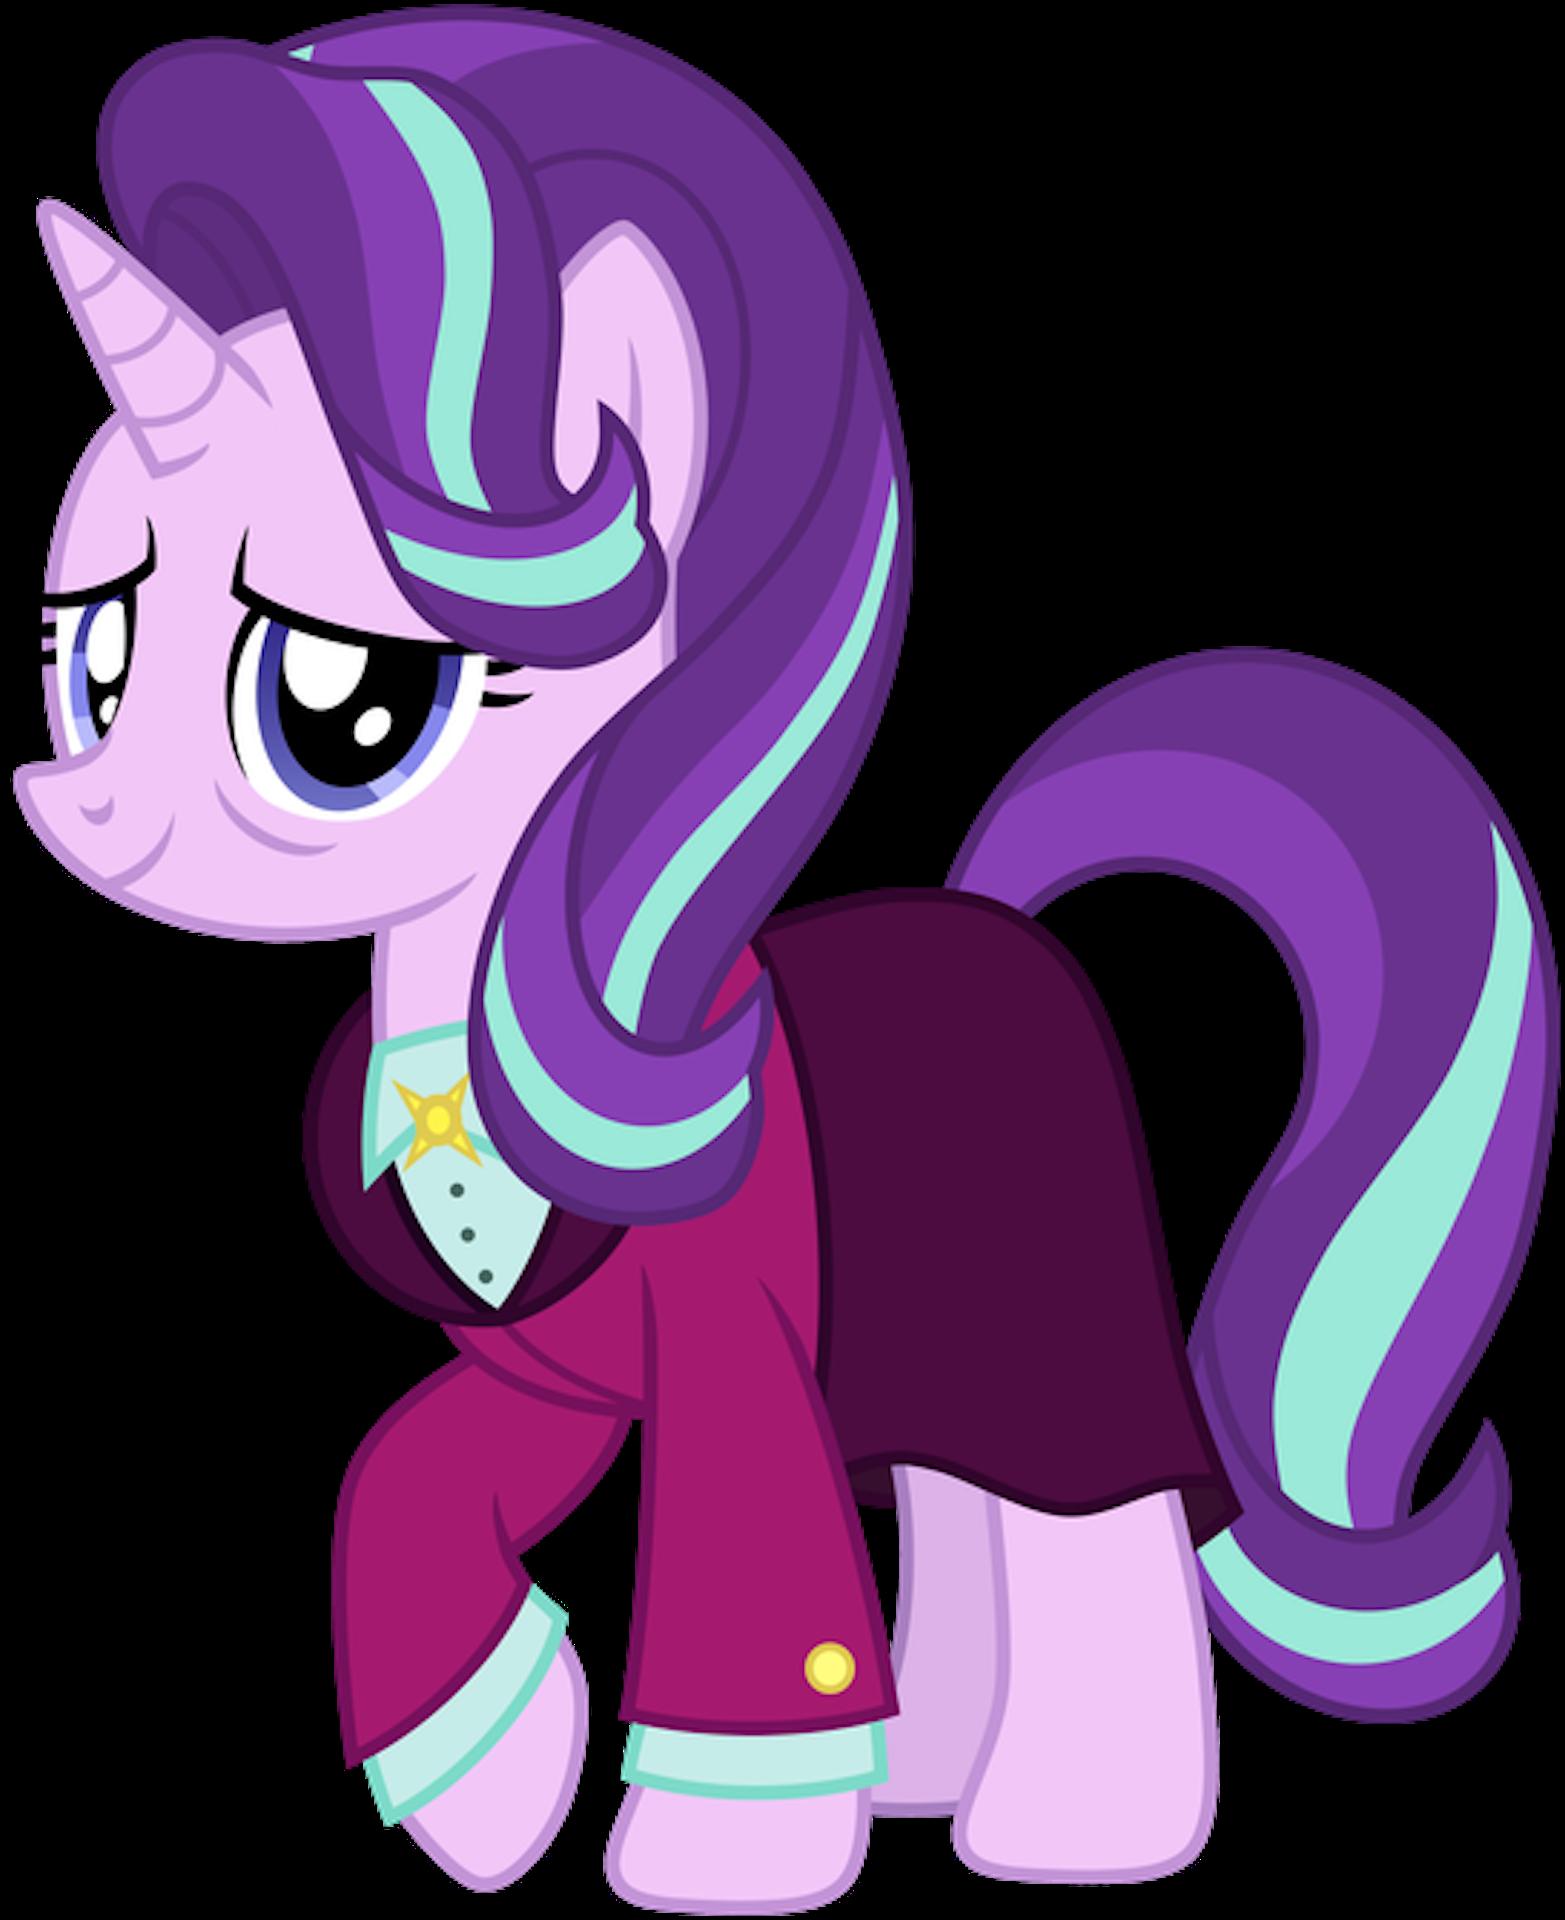 Starlight Glimmer | Yuna's Princess adventure Wikia ...